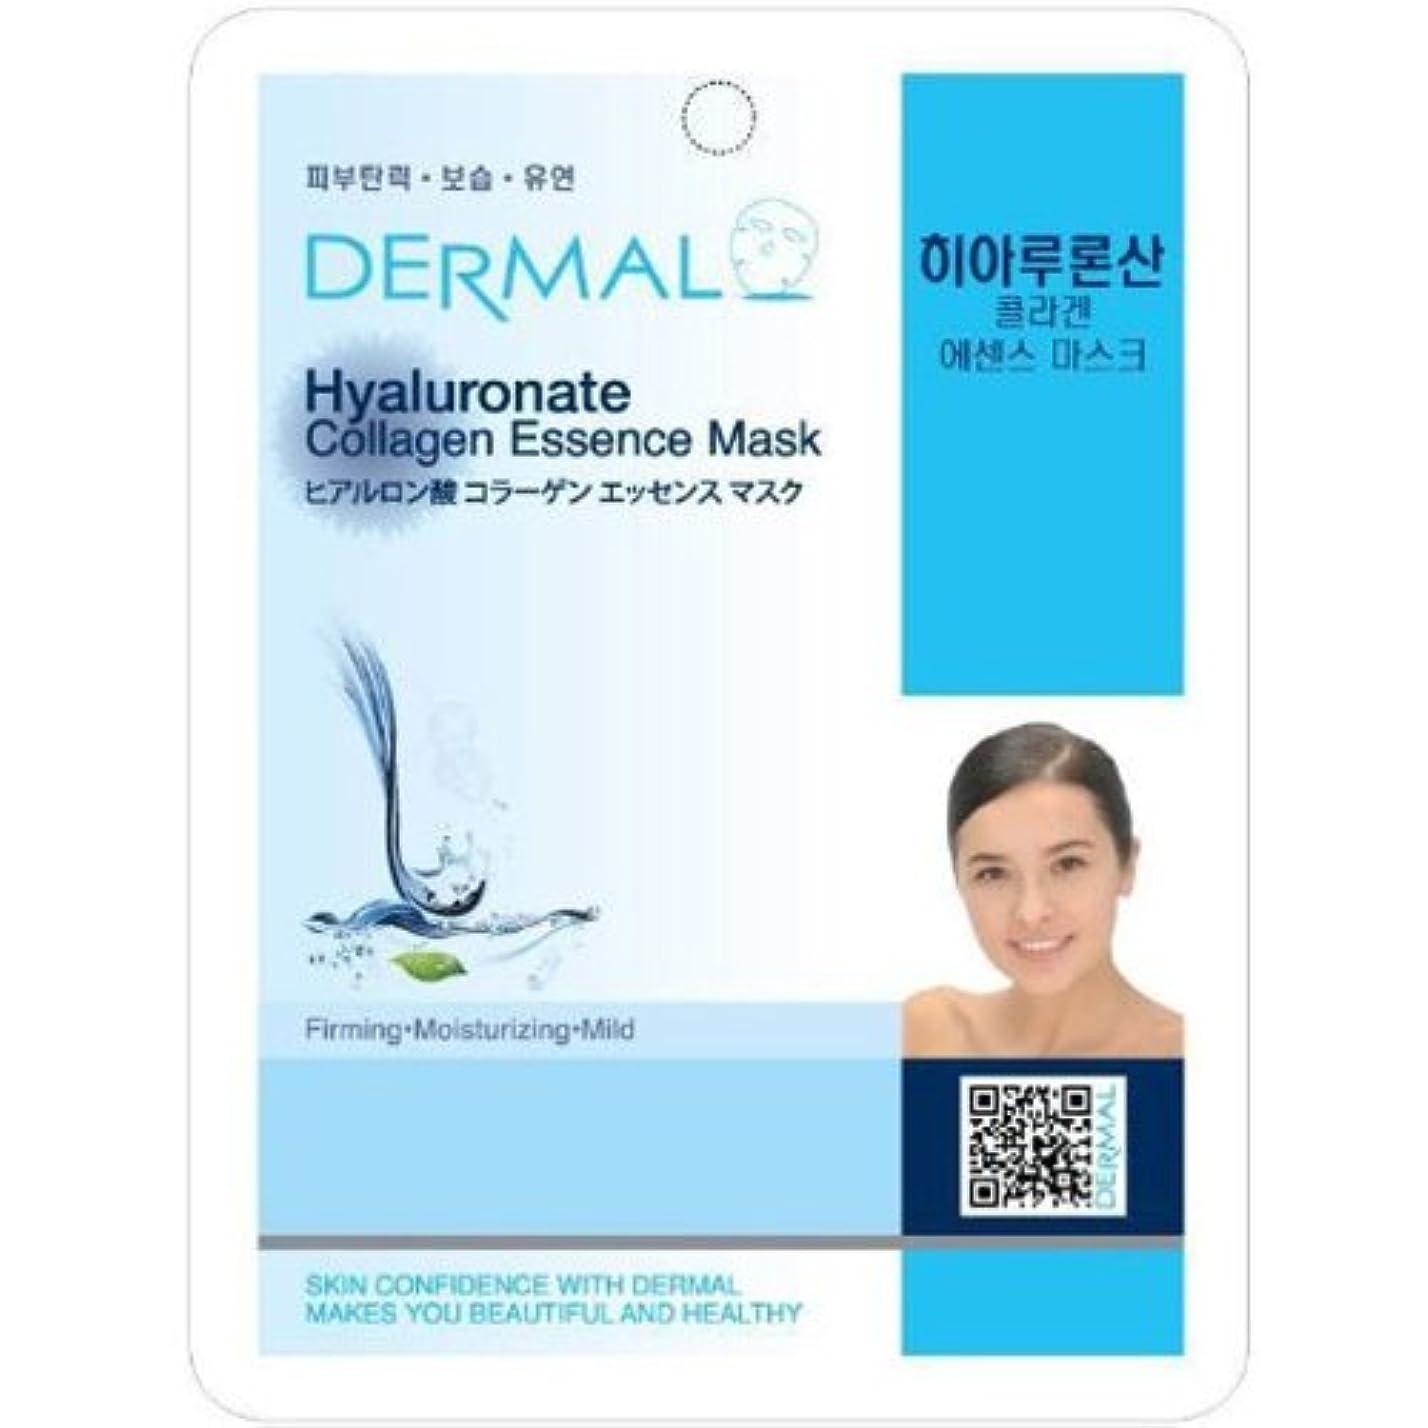 勢い値する交流するシート マスク ヒアルロン酸 ダーマル Dermal 23g (10枚セット) 韓国コスメ フェイス パック